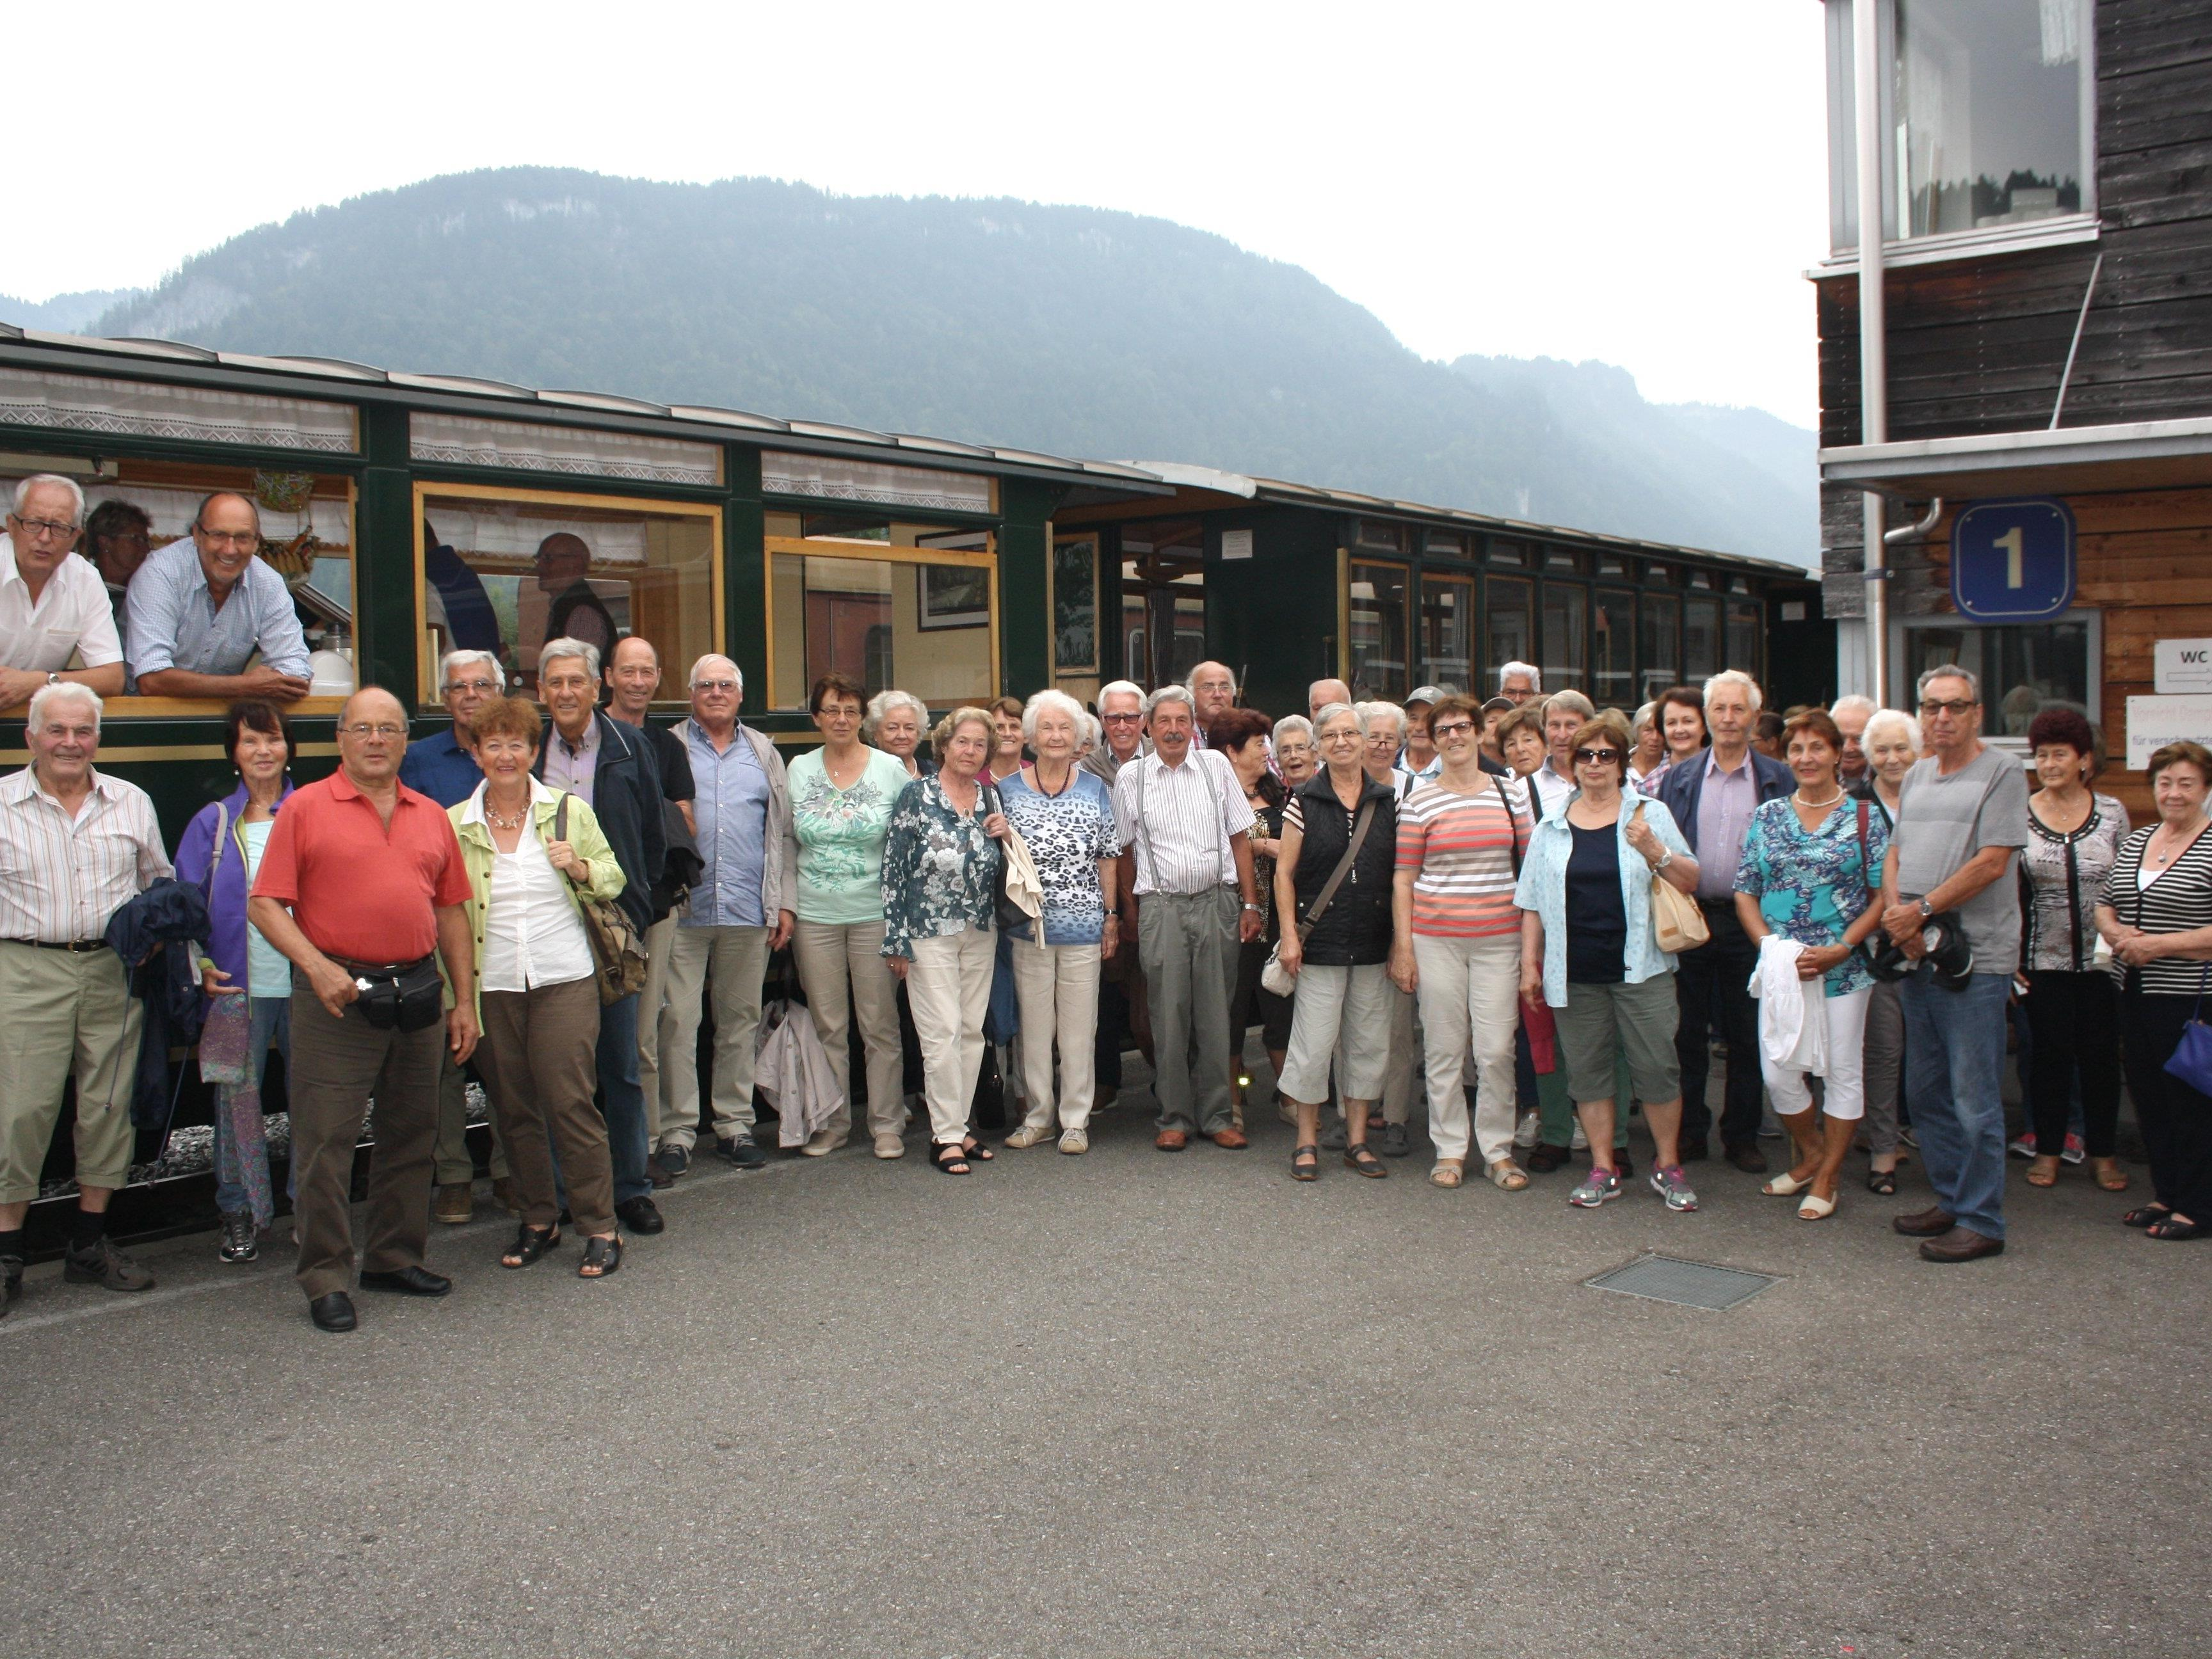 Die Gemeinde Lochau lud ihre Senioren zum alljährlichen traditionellen Ausflug, mit einer Wälderbähnle-Fahrt als besonderem Highlight.